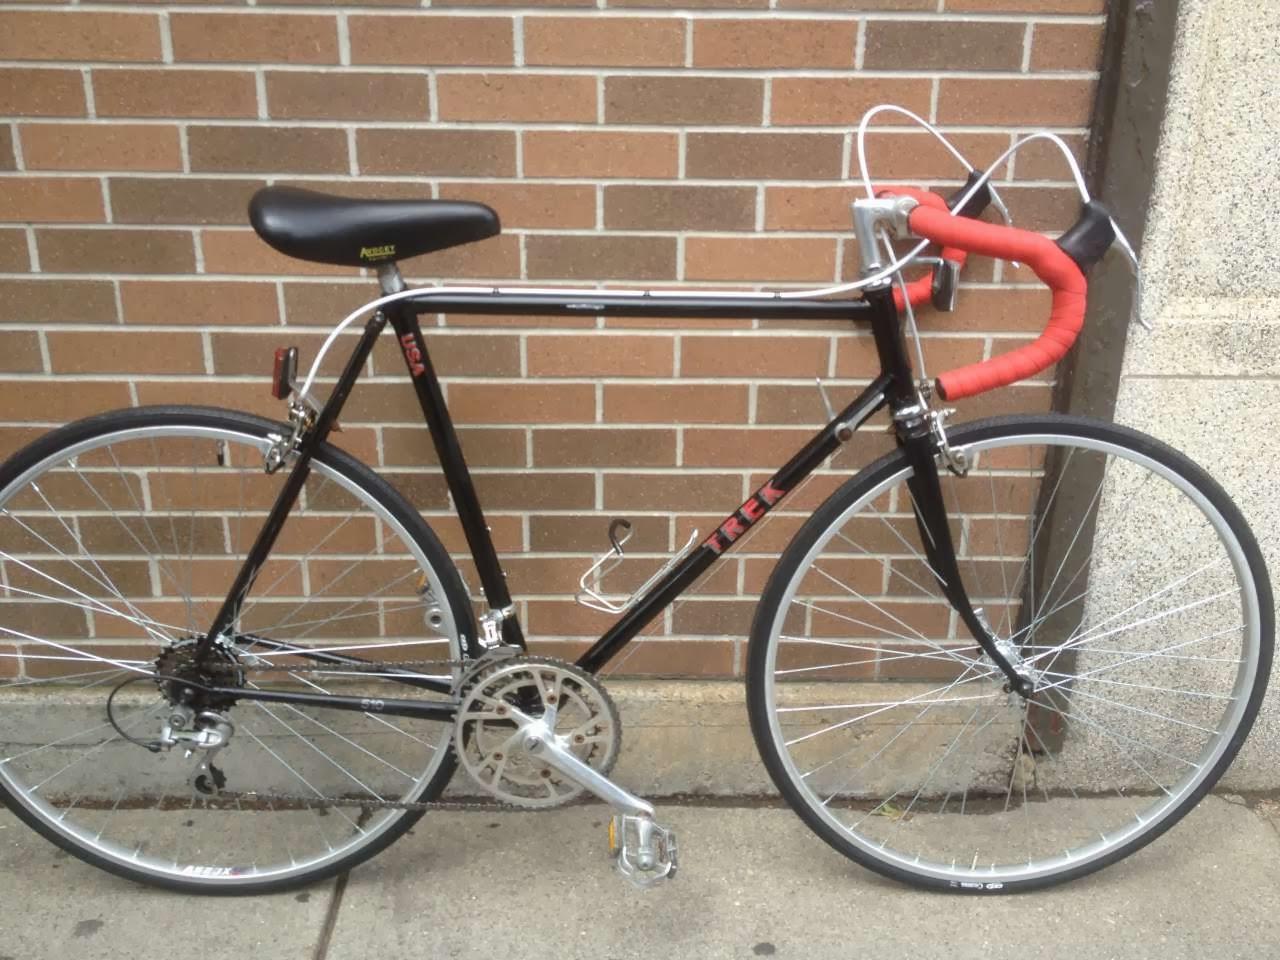 Bike Boom Refurbished Bikes 1985 Trek 510 Road Bike